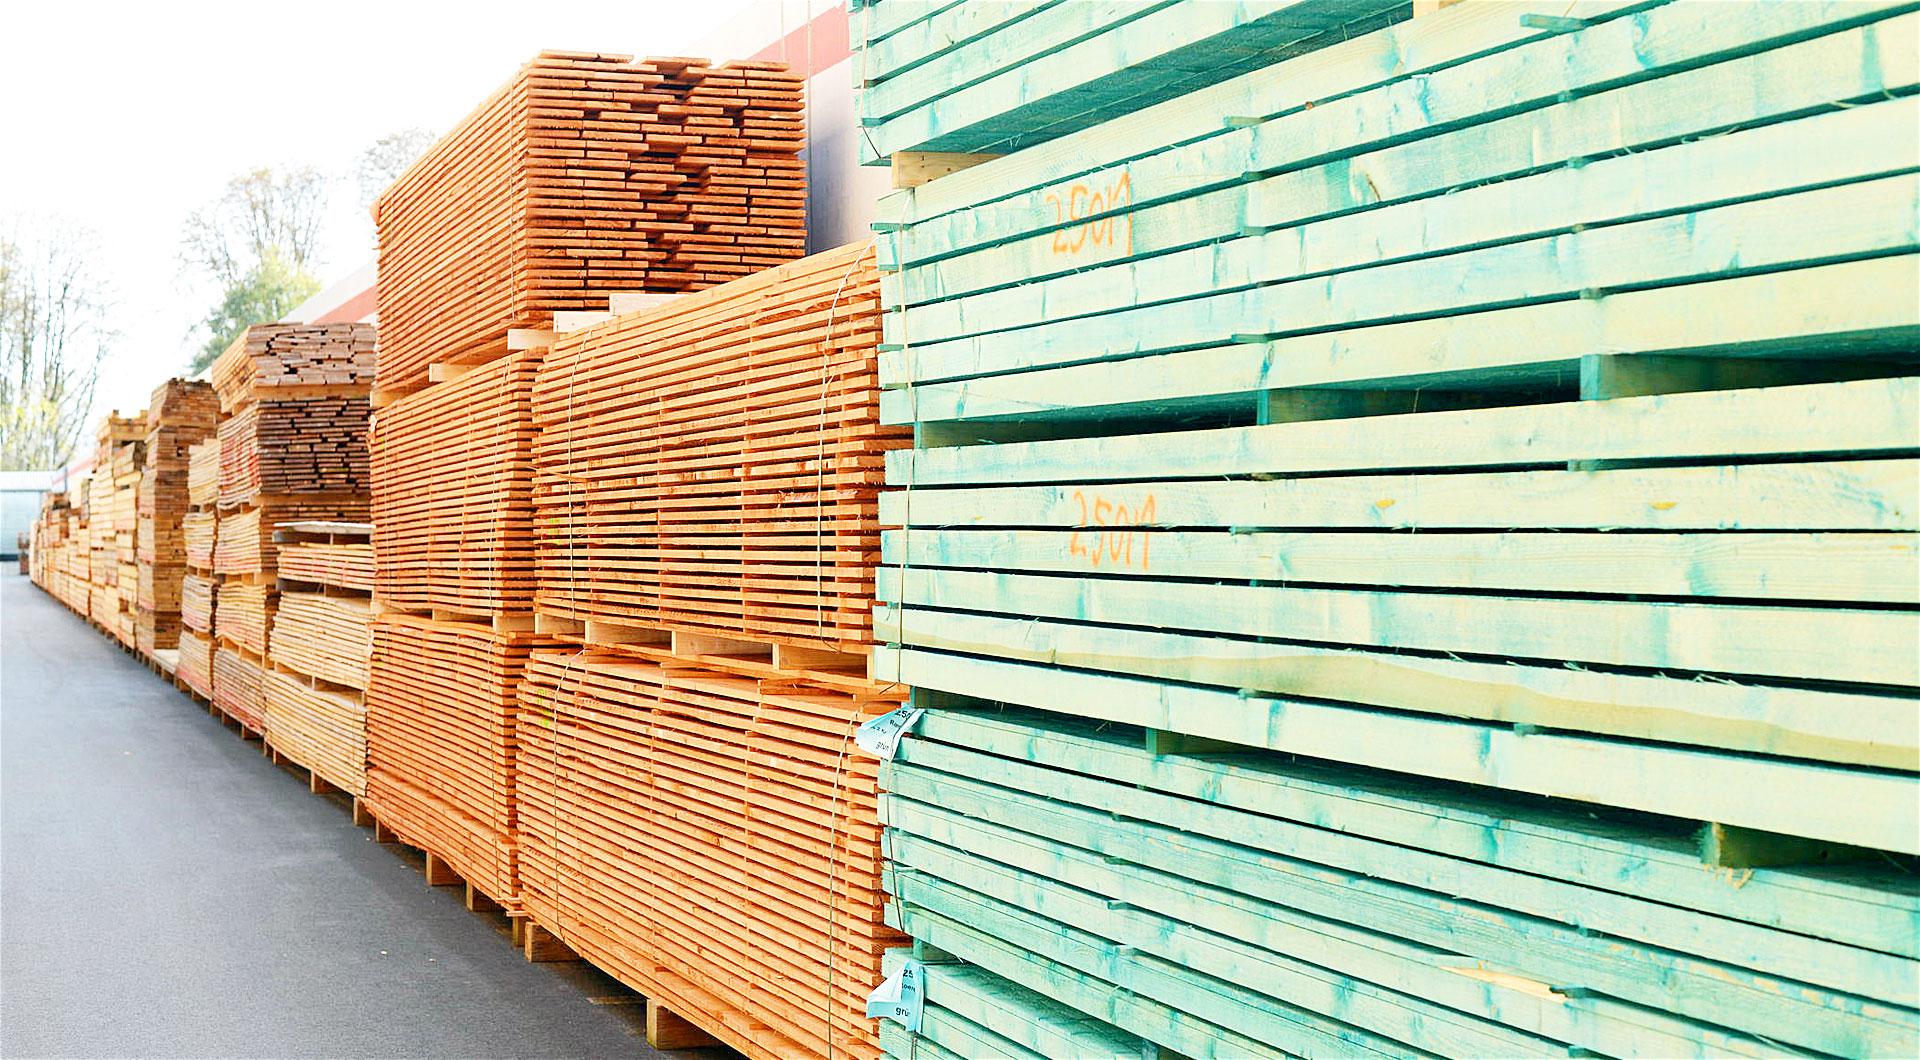 Holz Roeren verfügt über eine große Auswahl an Latten und Rahmen